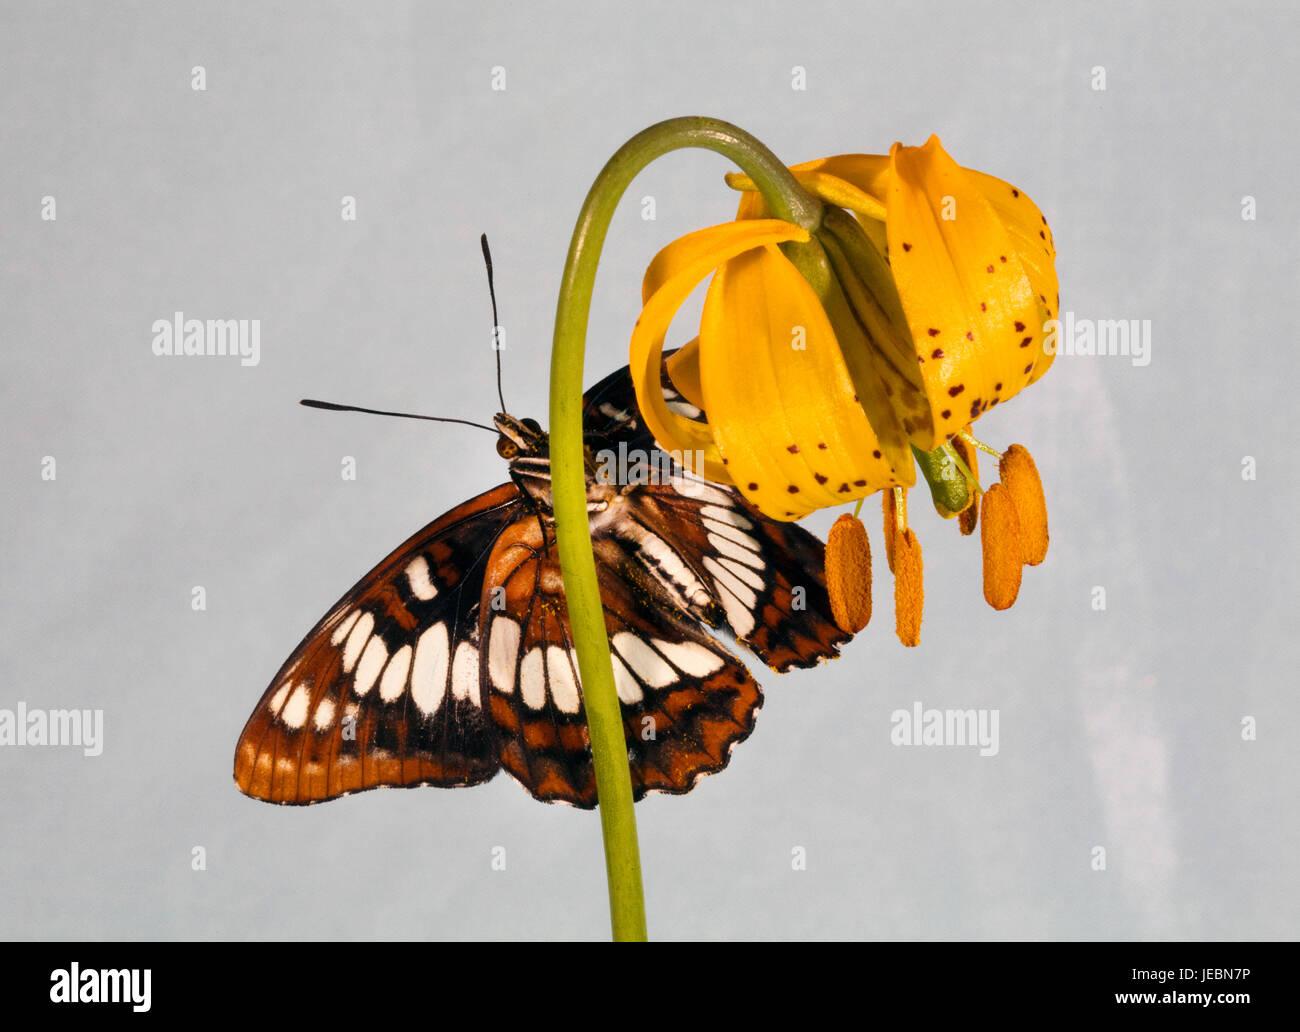 Un almirante del Lorquin butterfly, Limenitis lorquini, descendieron en un lirio Colombino wildflower. Foto de stock